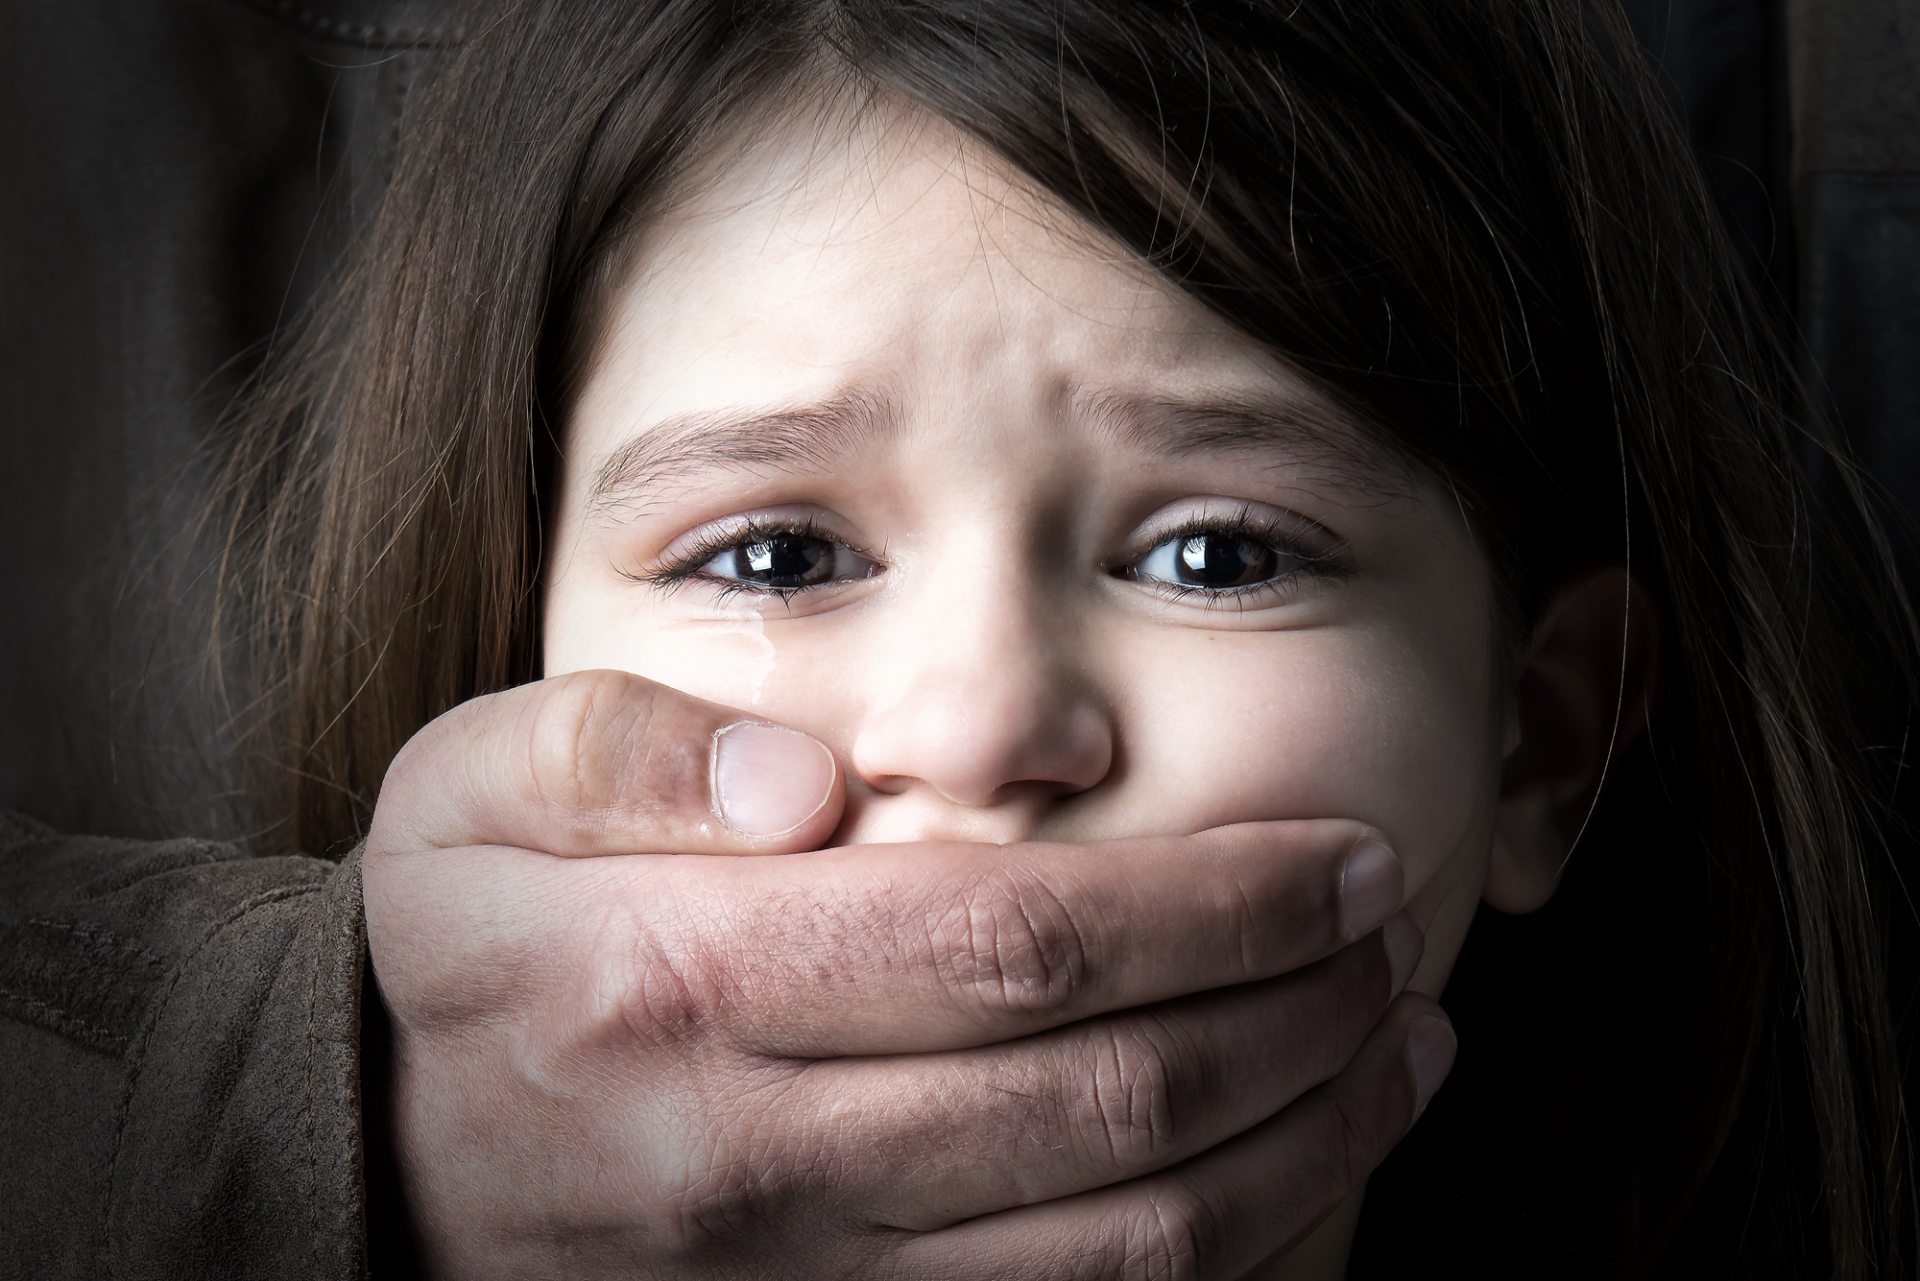 На Херсонщине полицейские задержали подозреваемого в сексуальном насилии над несовершеннолетней